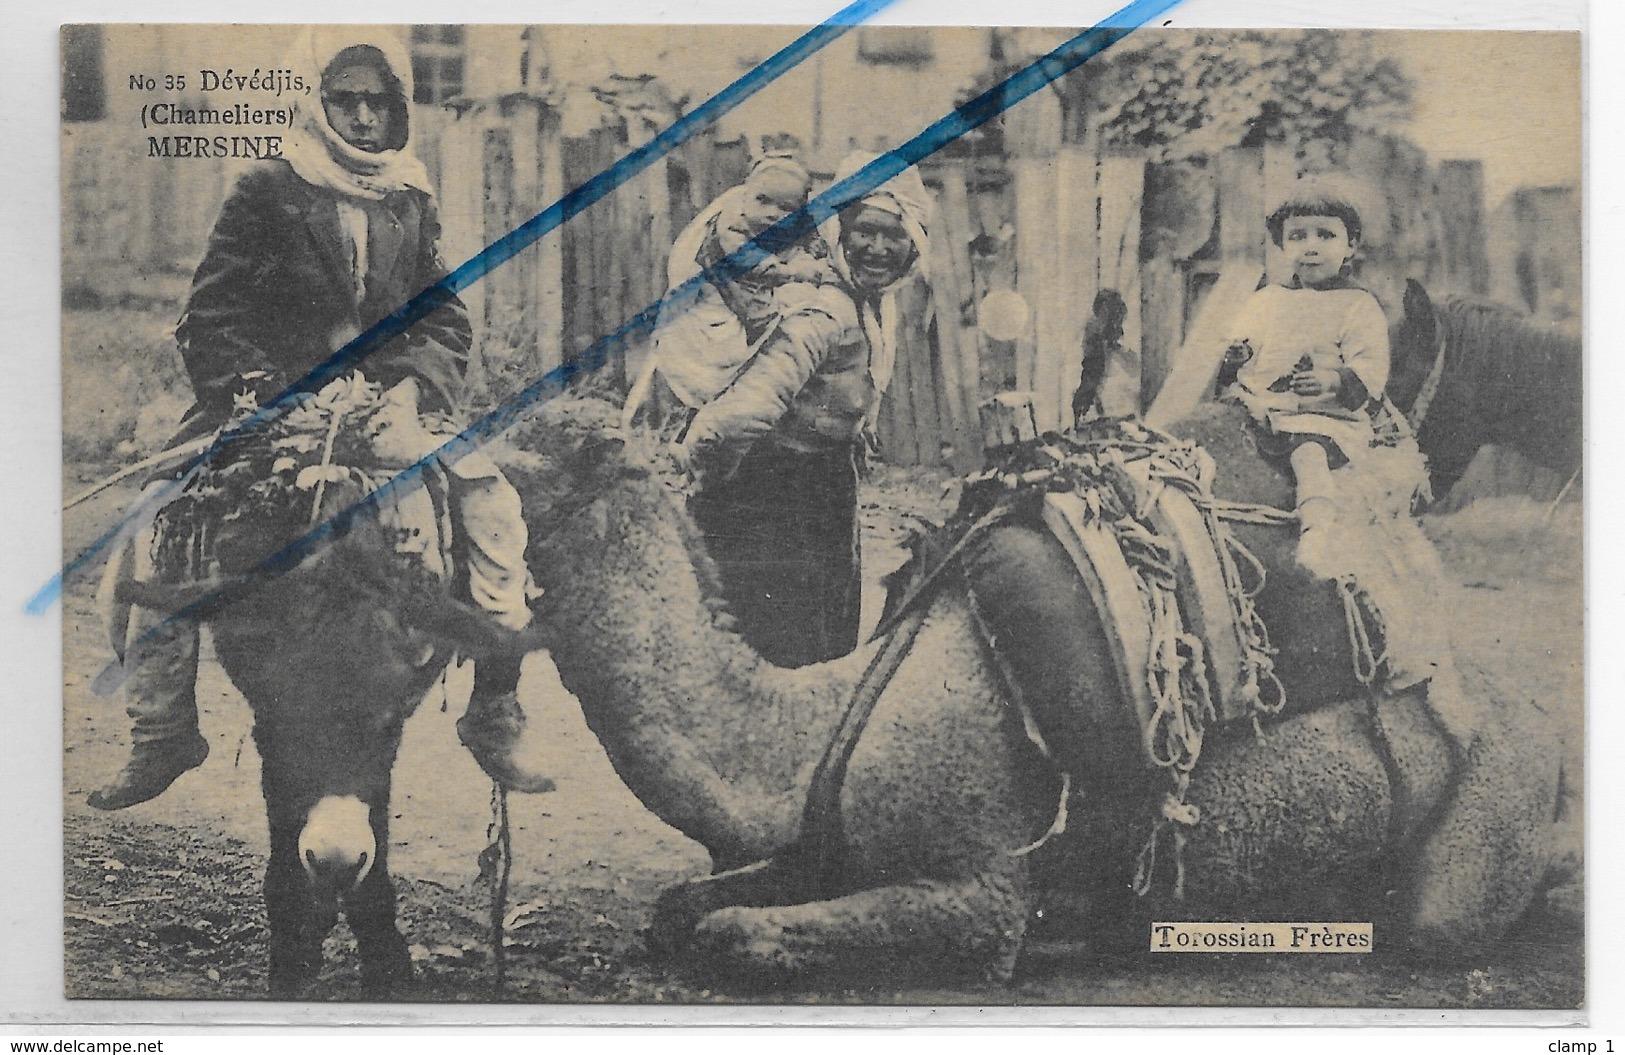 CPA TURQUIE MERSINE DEVEDJIS CHAMELIERS   ** TOROSSIAN Frères éditeurs  CILICIE ** PEU COURANT ** - Turquie